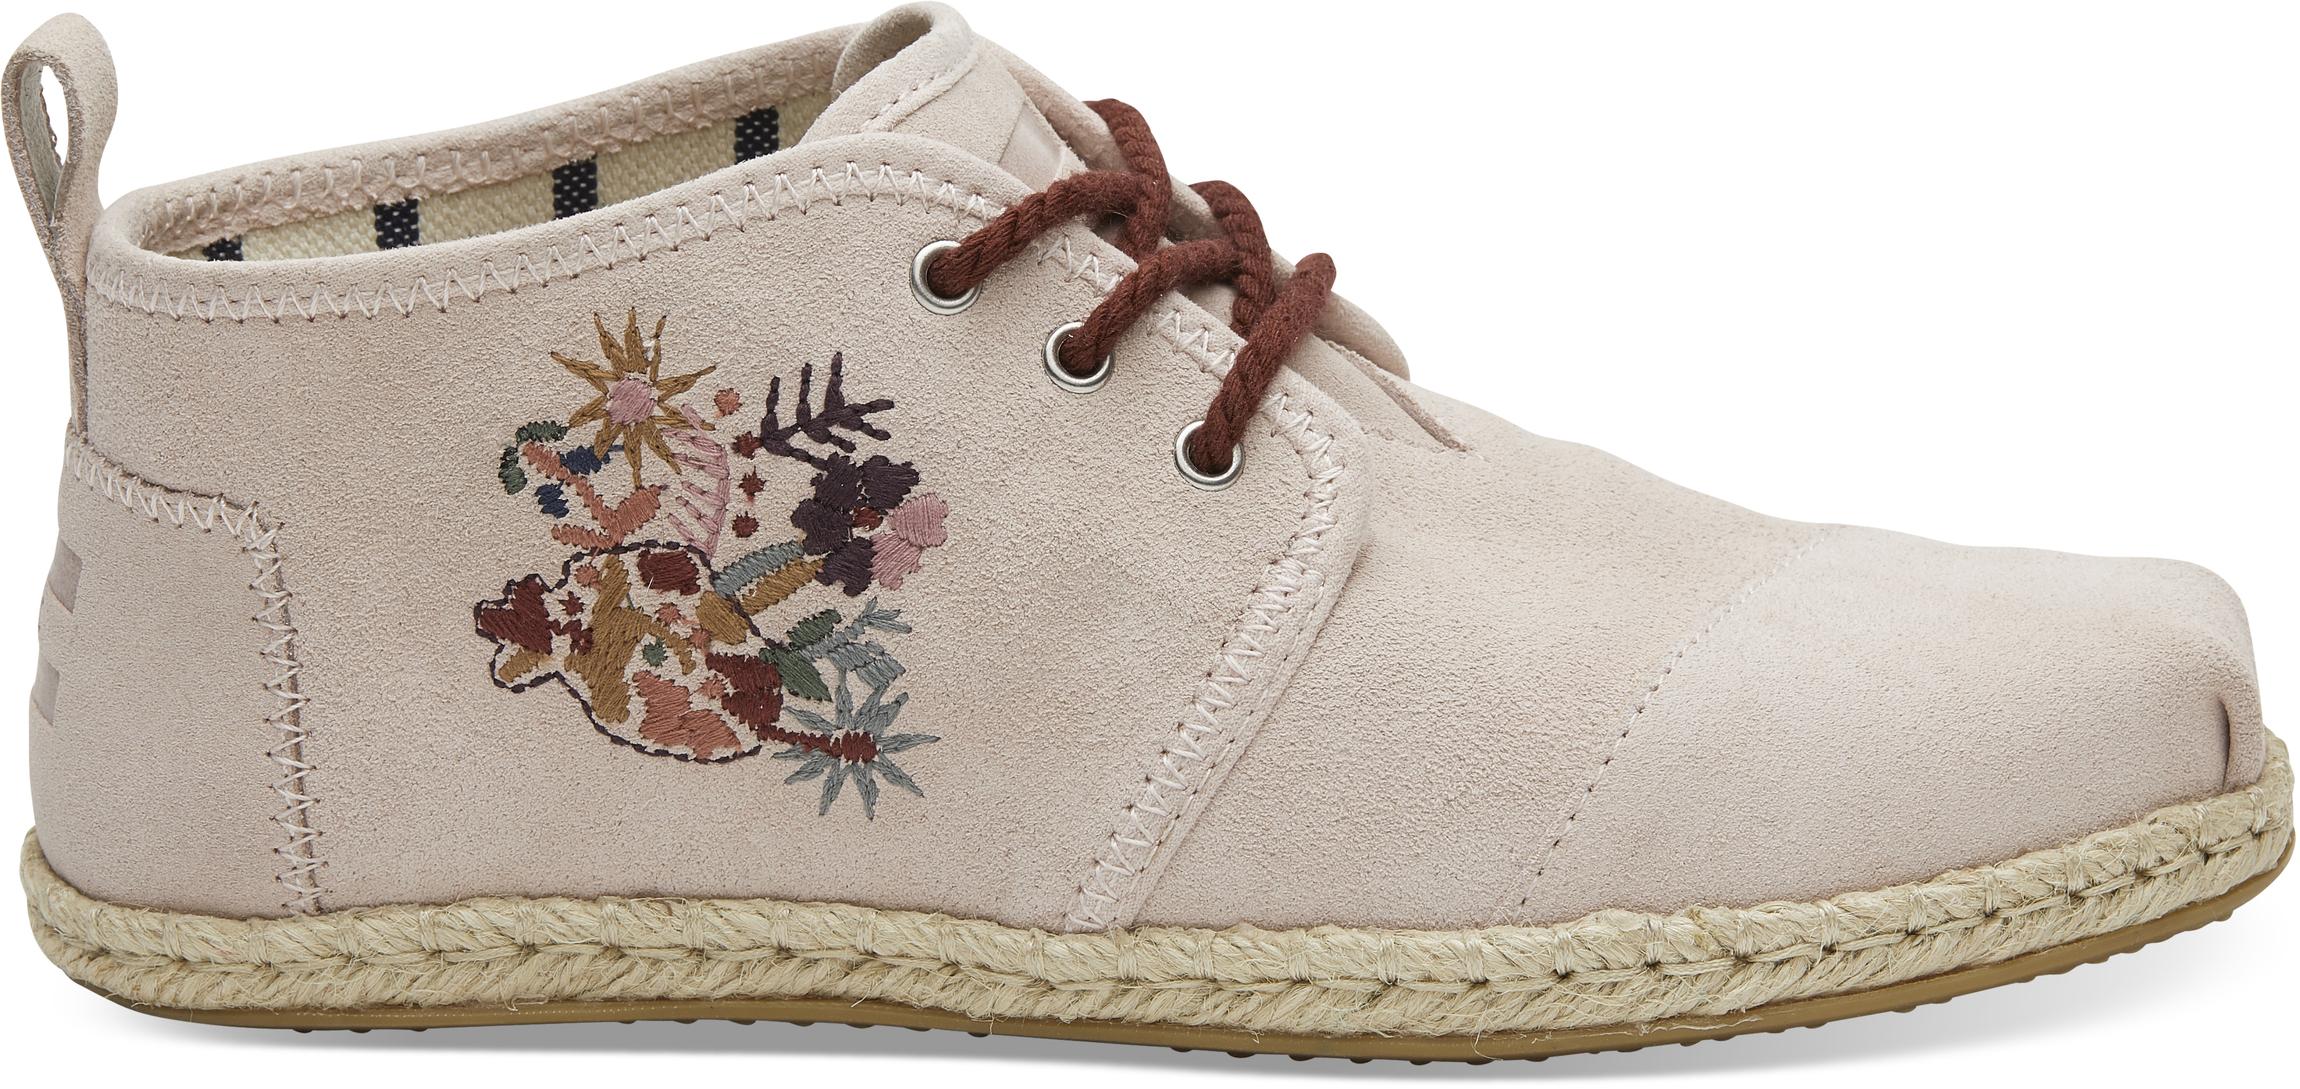 5ee18eedf70d6 Dámske ružové členkové topánky TOMS Embroidery Botas - Glami.sk